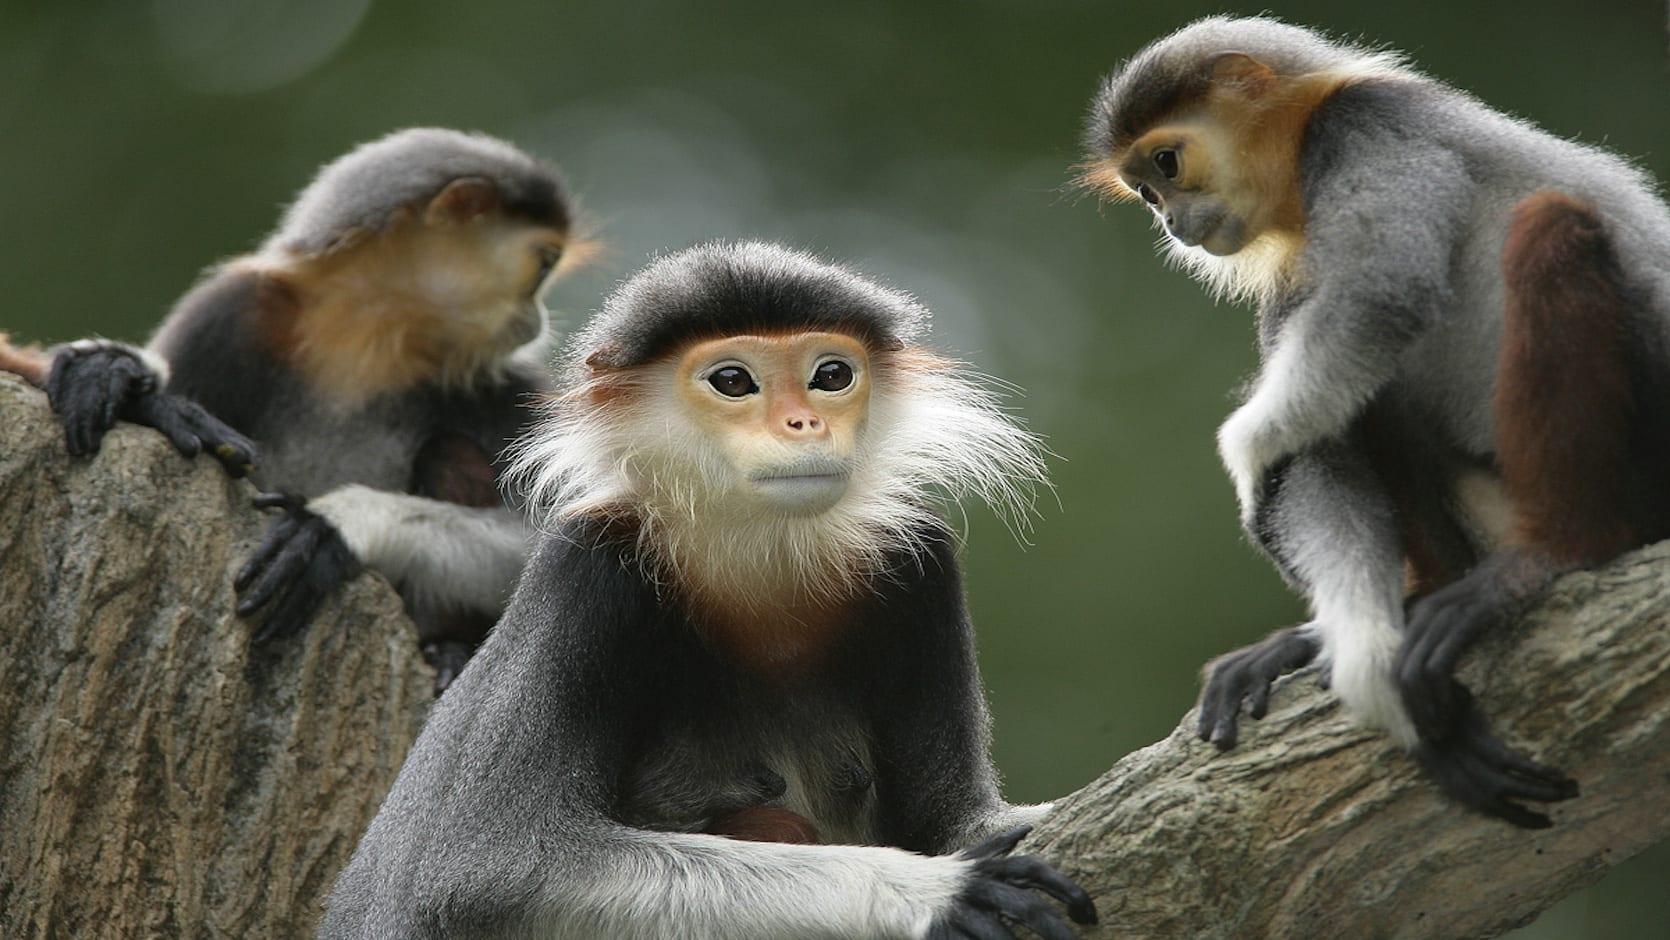 仔細一瞧白臂葉猴跟人臉還真的頗有幾分像。(圖片取自新加坡動物園官網)